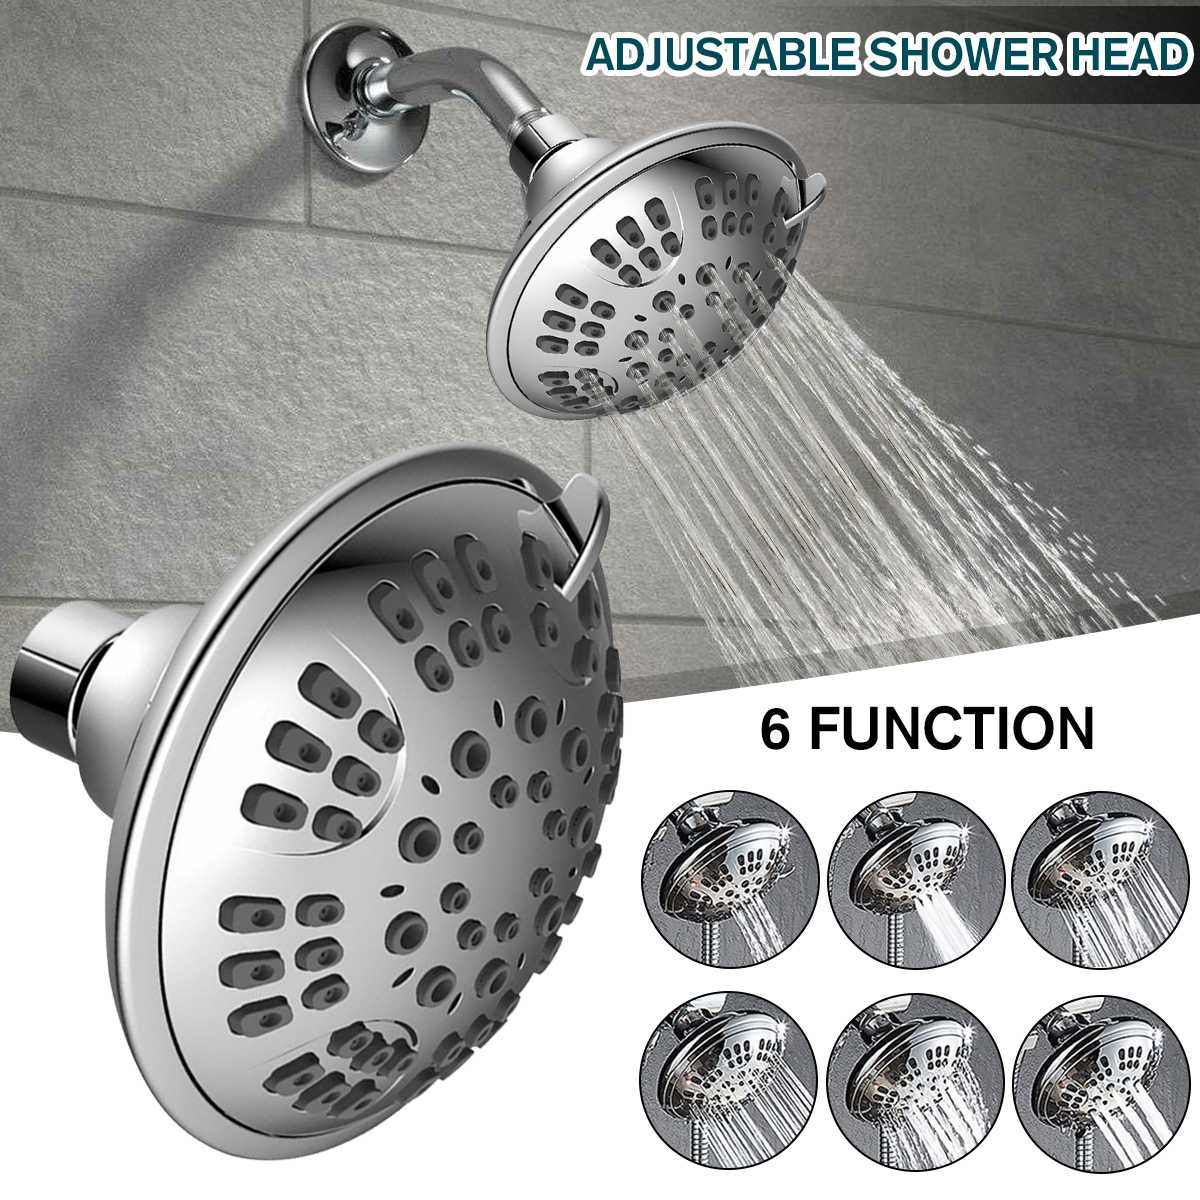 Wysokie ciśnienie końcówka prysznica ABS do montażu na ścianie Showerheads z jeden/3-tryb/6-tryb kąpieli pod prysznicem złącze obrotowe regulowany kran